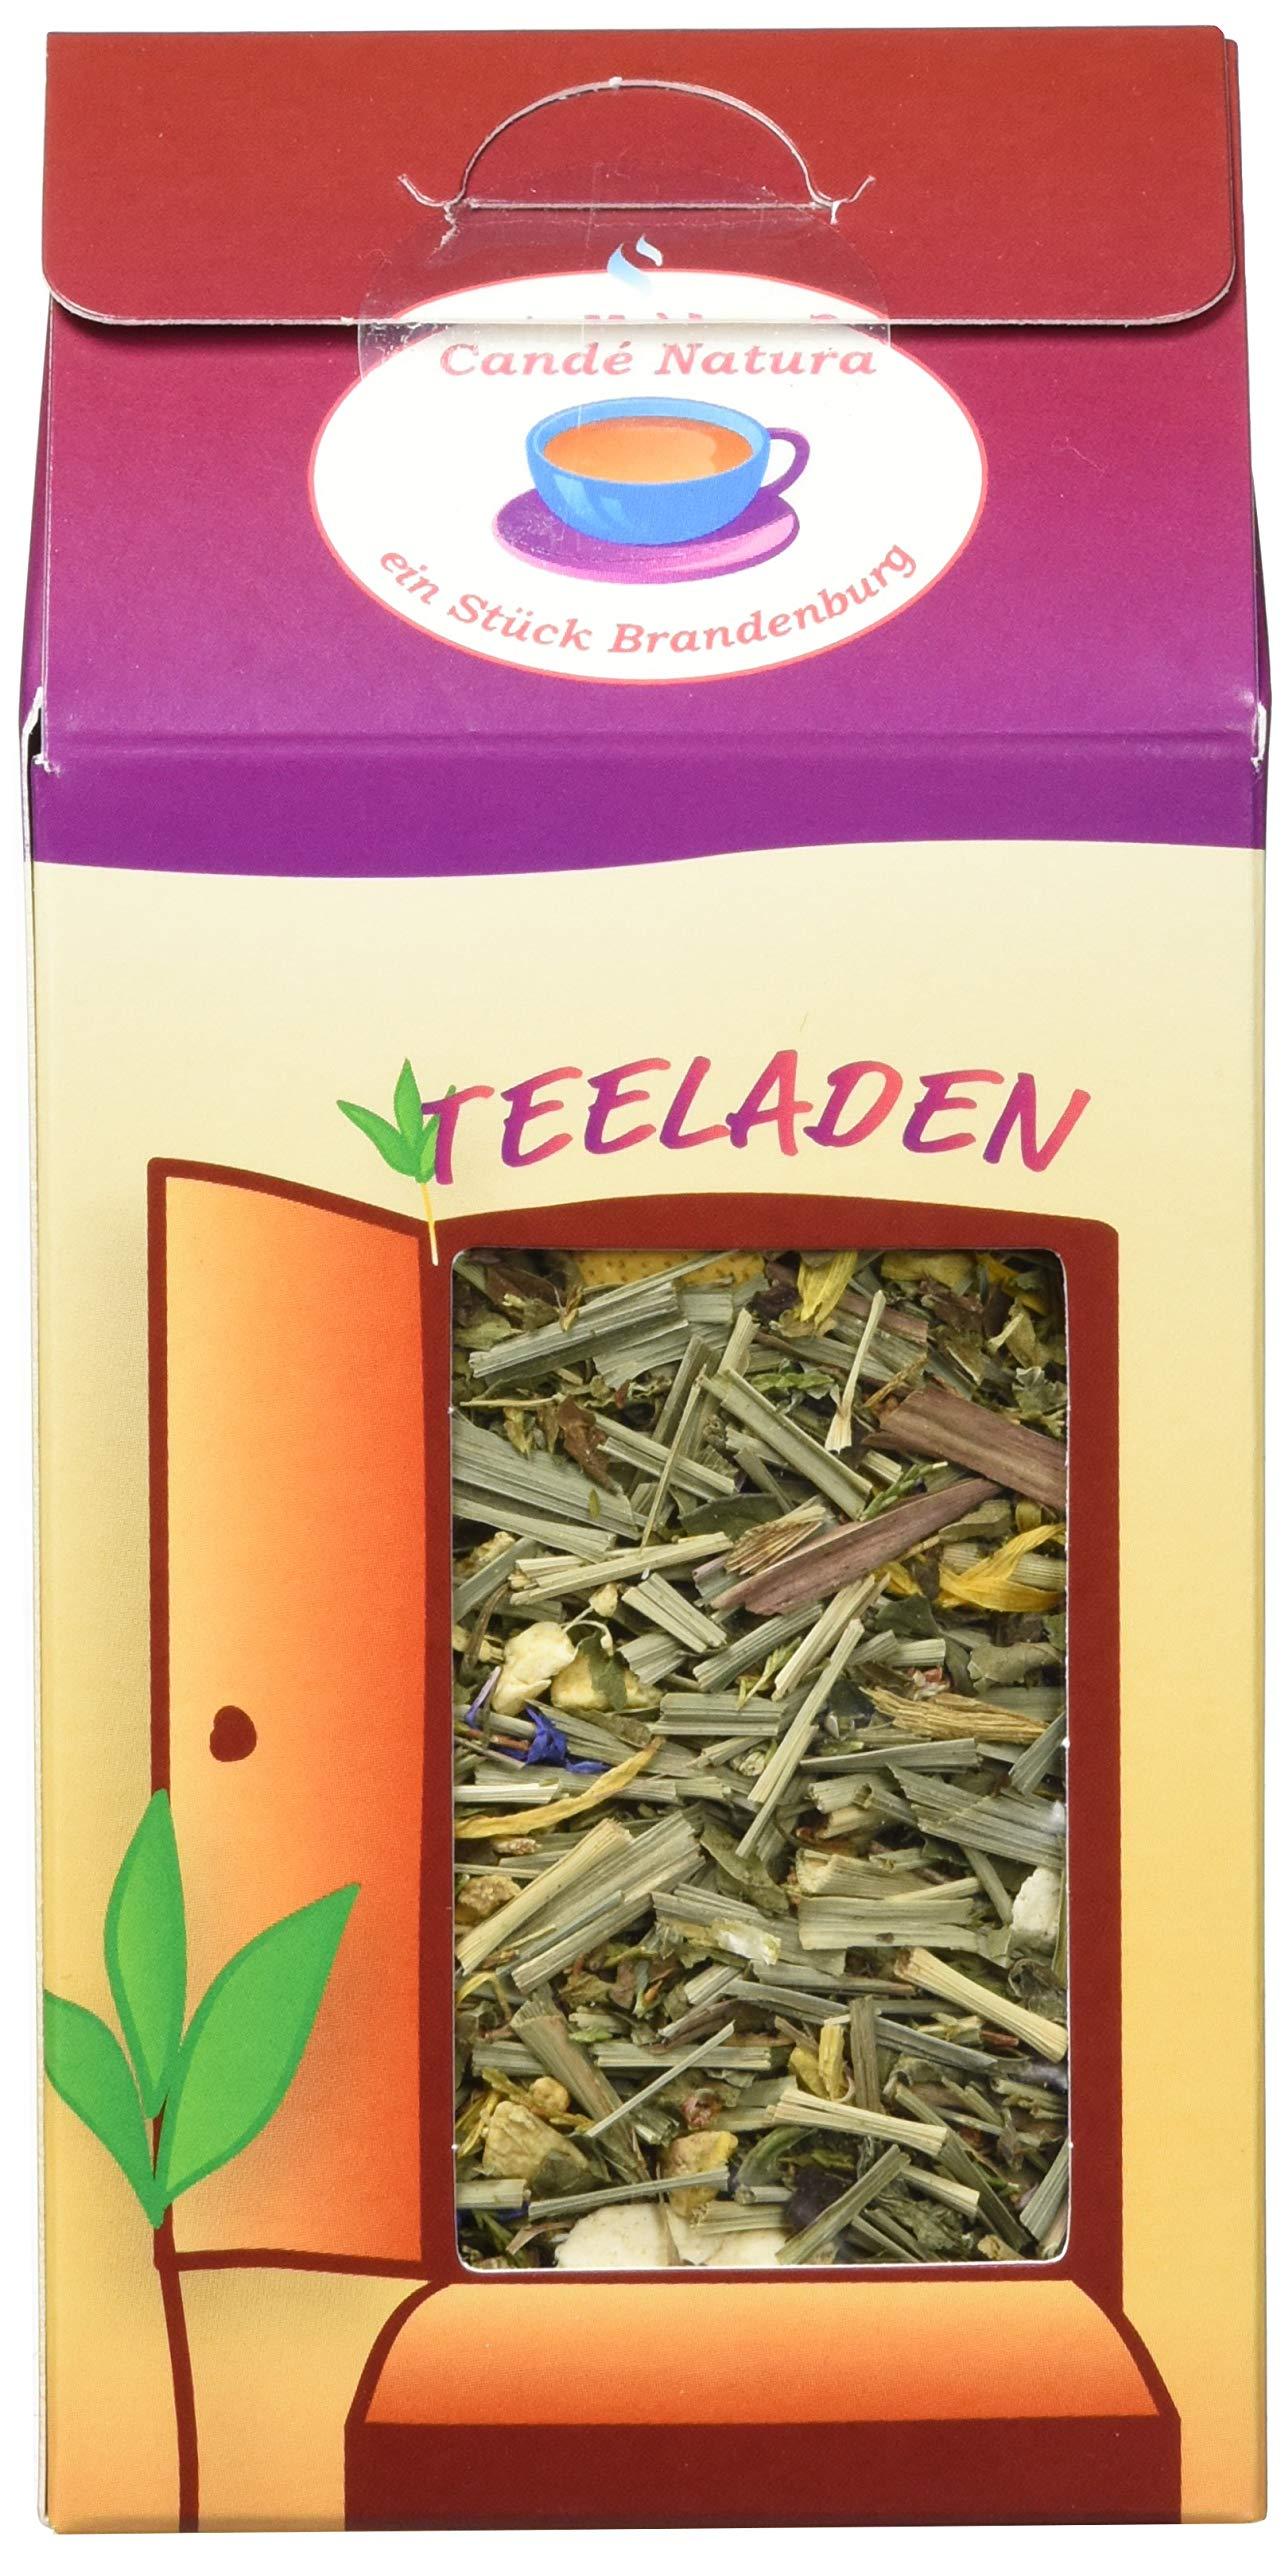 Cand-Natura-Teemanufaktur-Zuhause-Teegeschenk-Frchte-und-Kruterteemischung-Naturkind-Wohlfhltee-5er-Pack-5-x-100-g